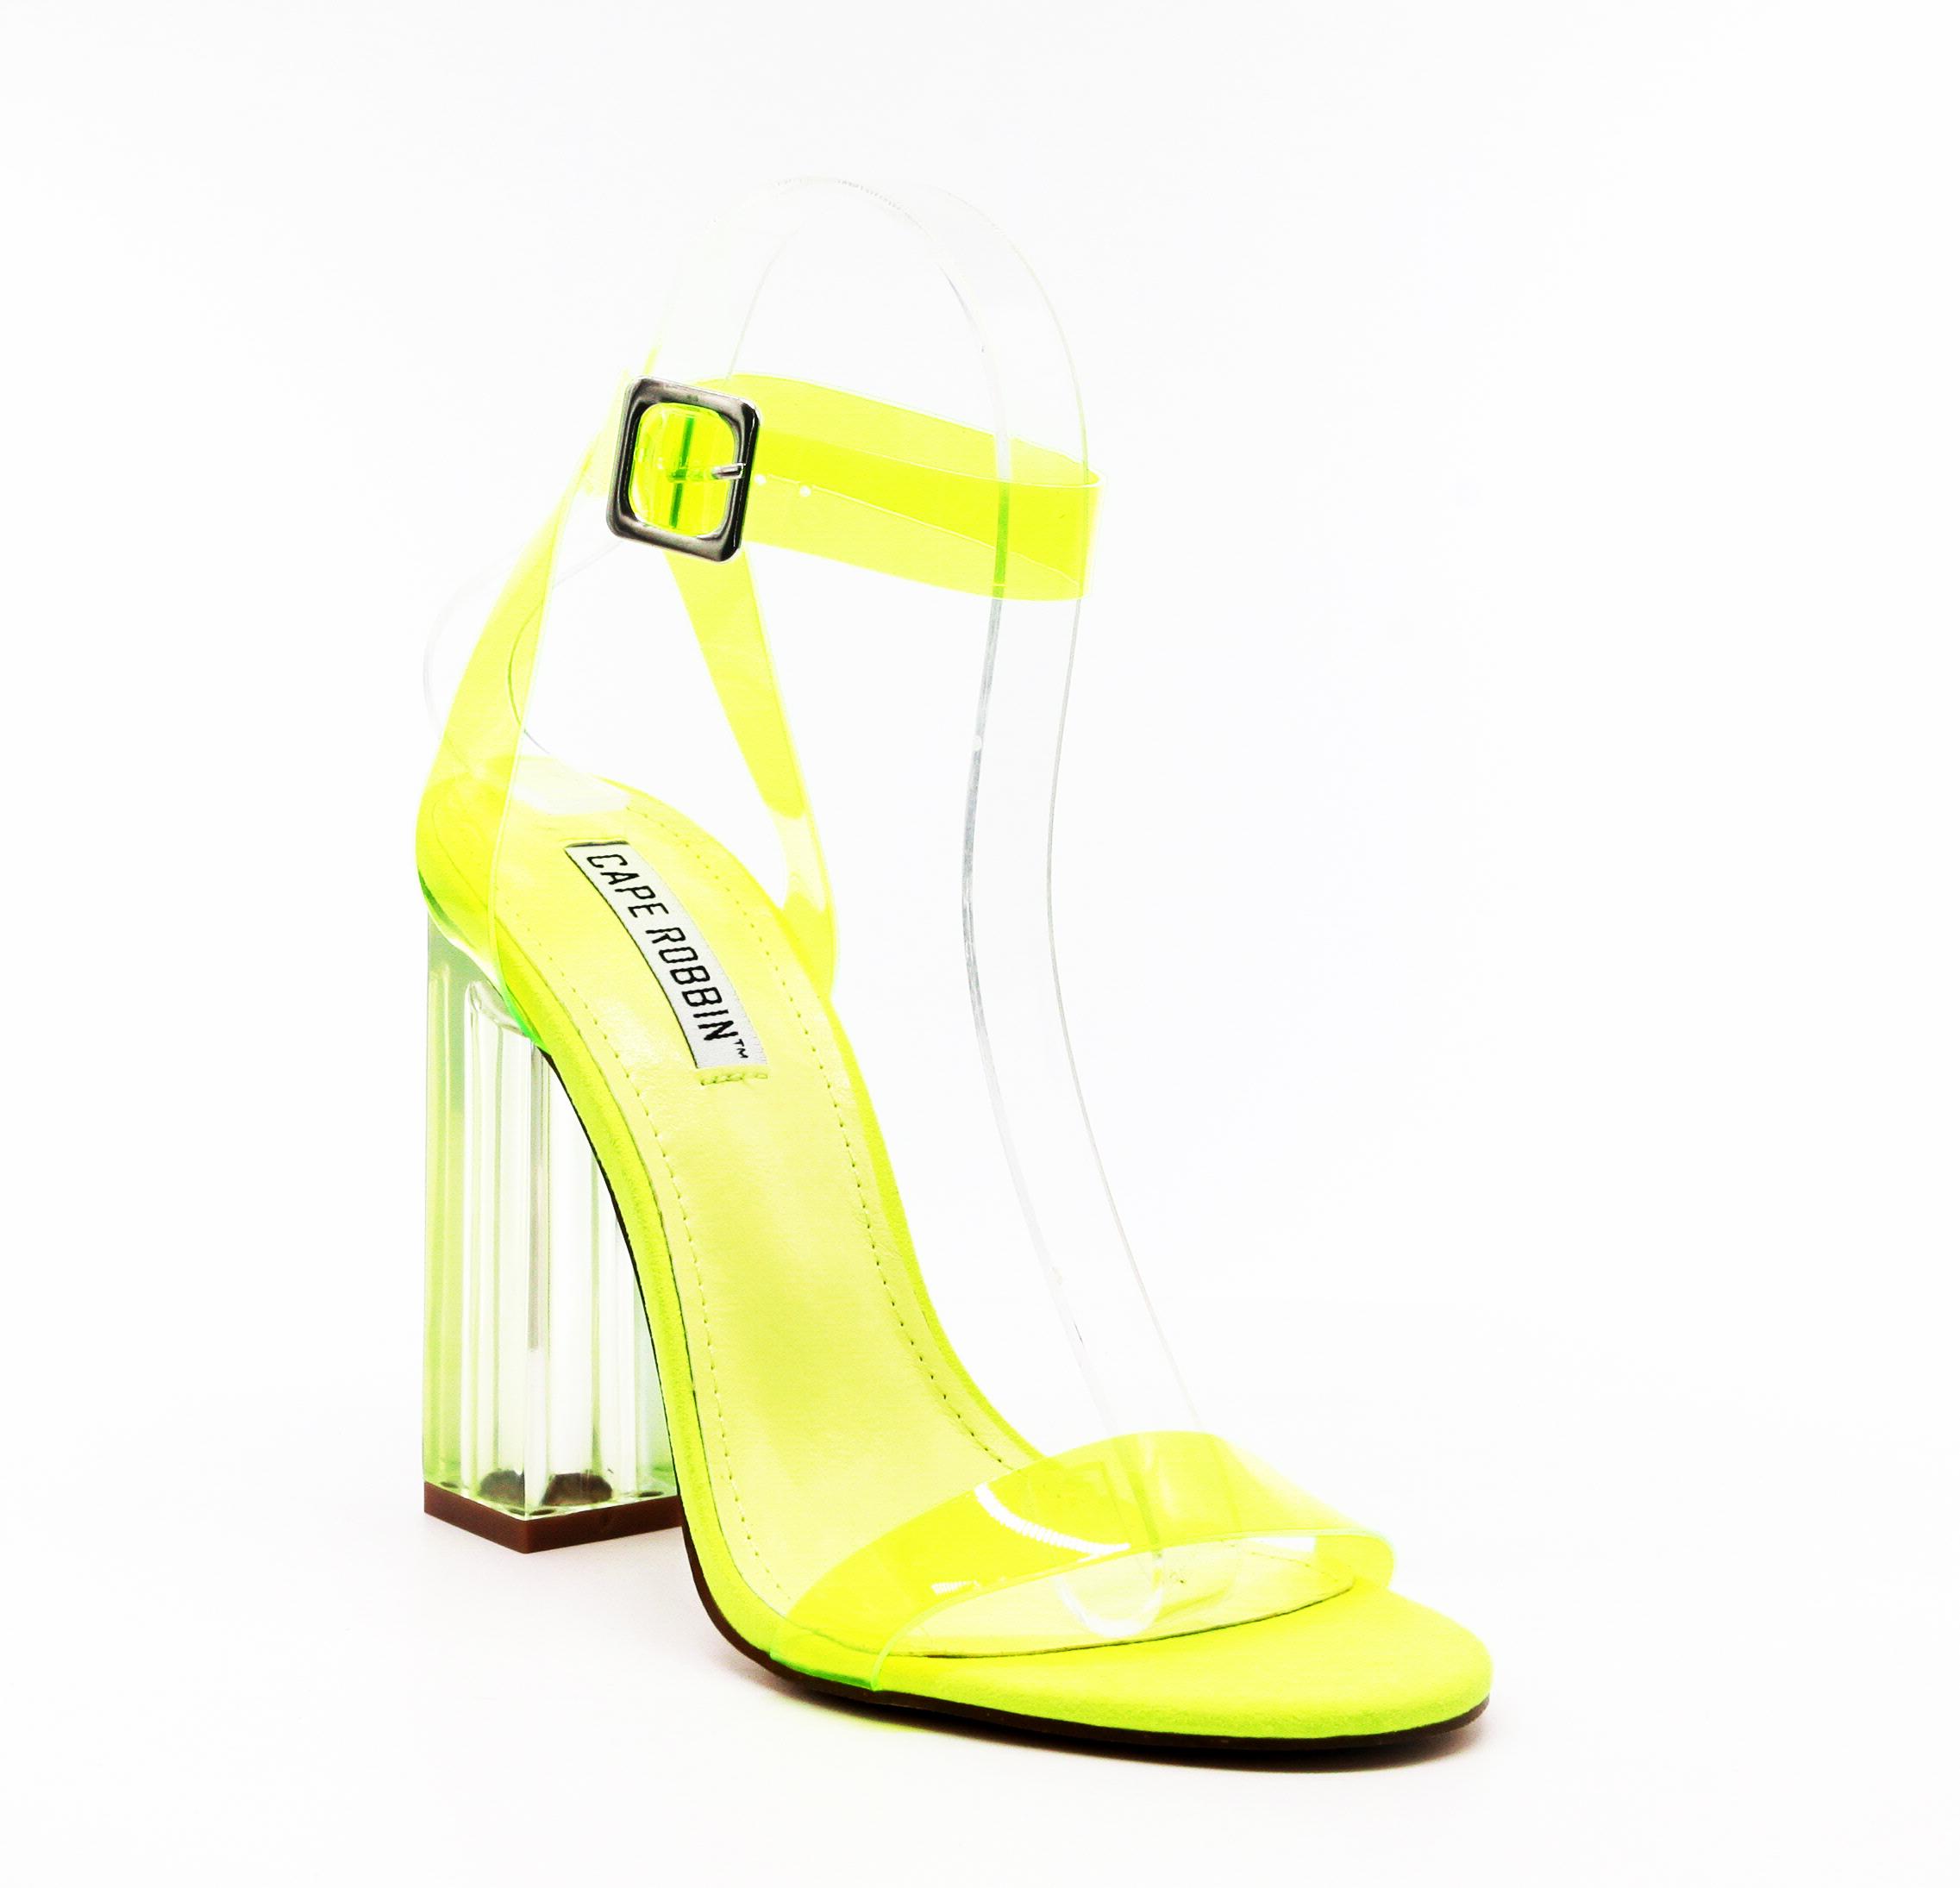 Neon Yellow High Heel Sandals